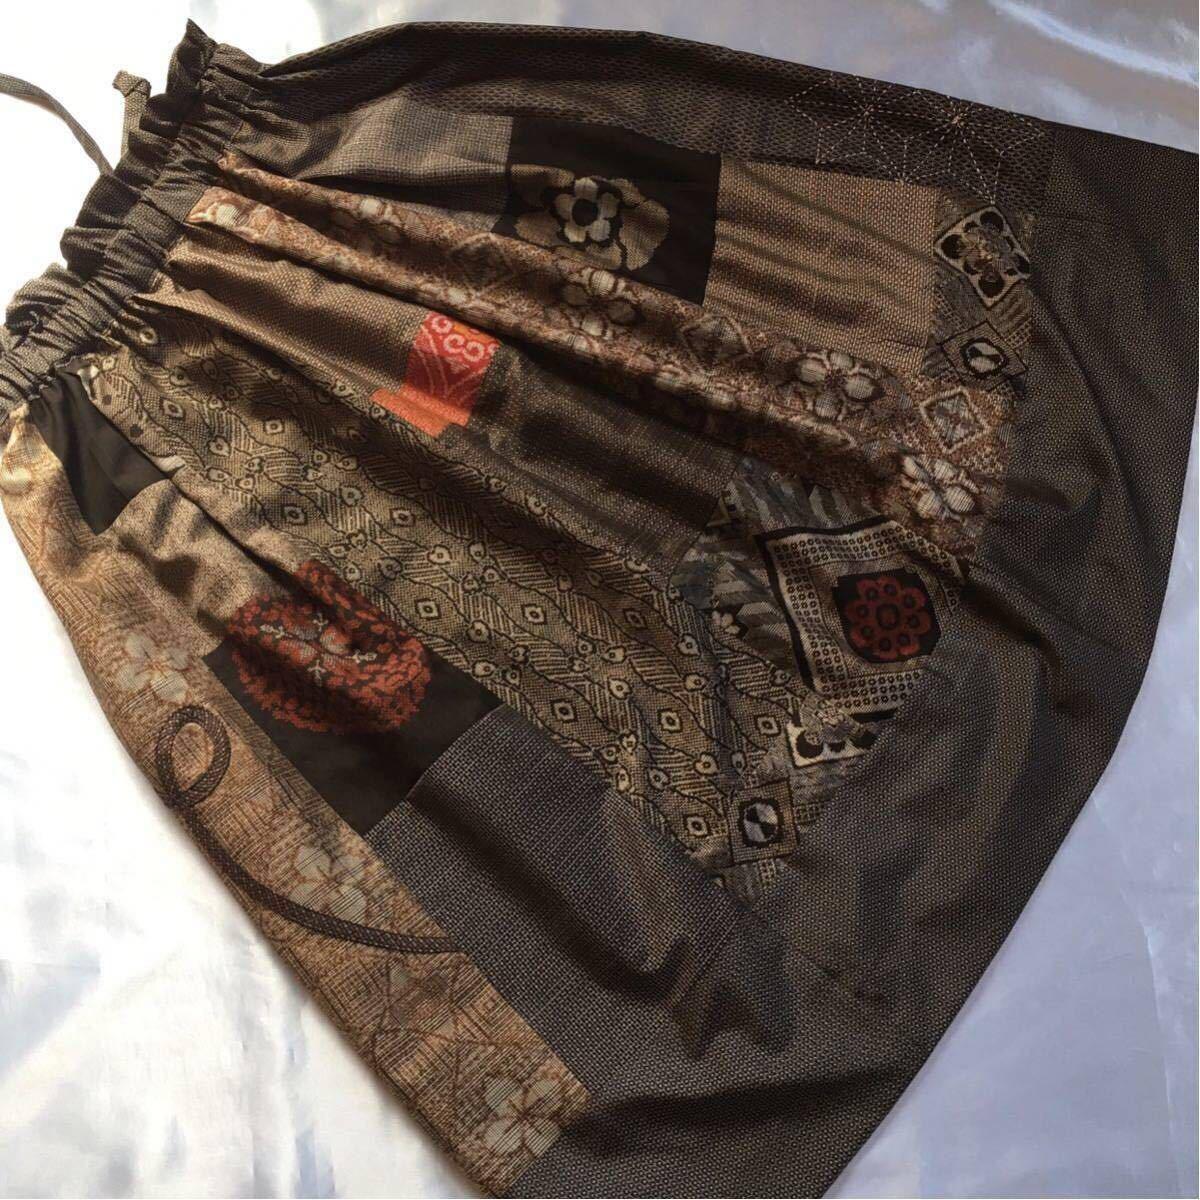 和裁士の着物リメイク/ハンドメイド/アンティーク大島紬のパッチワークスカート